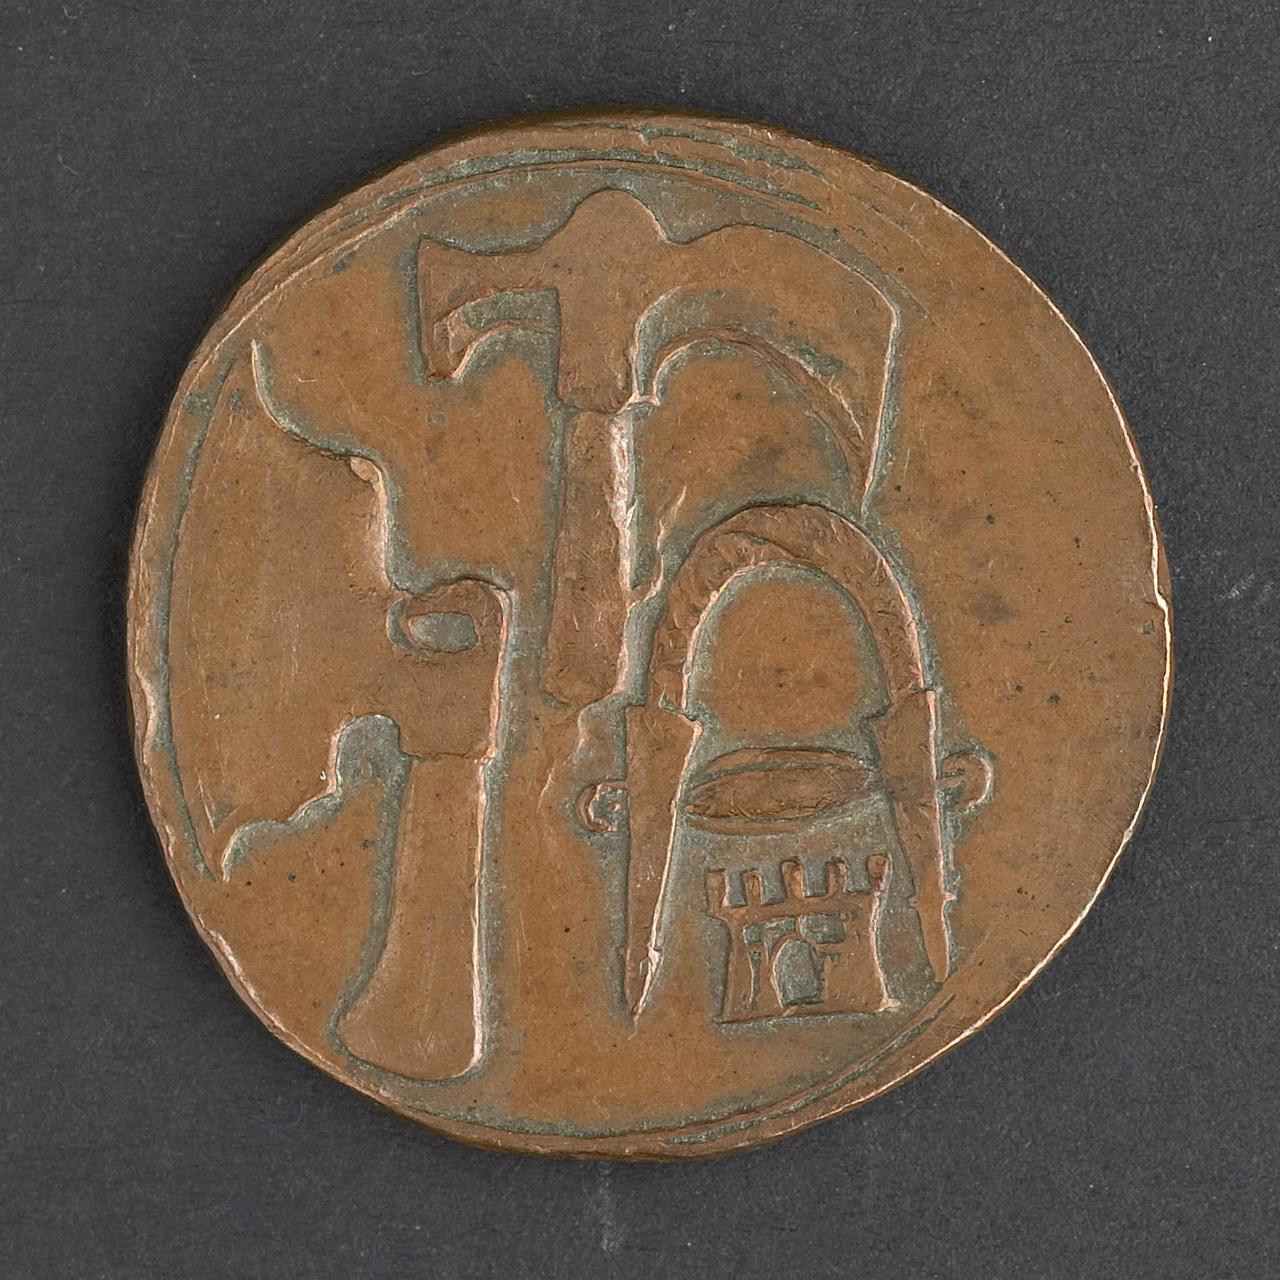 Gildepenning van het Kuipersgilde te Middelburg, 1592